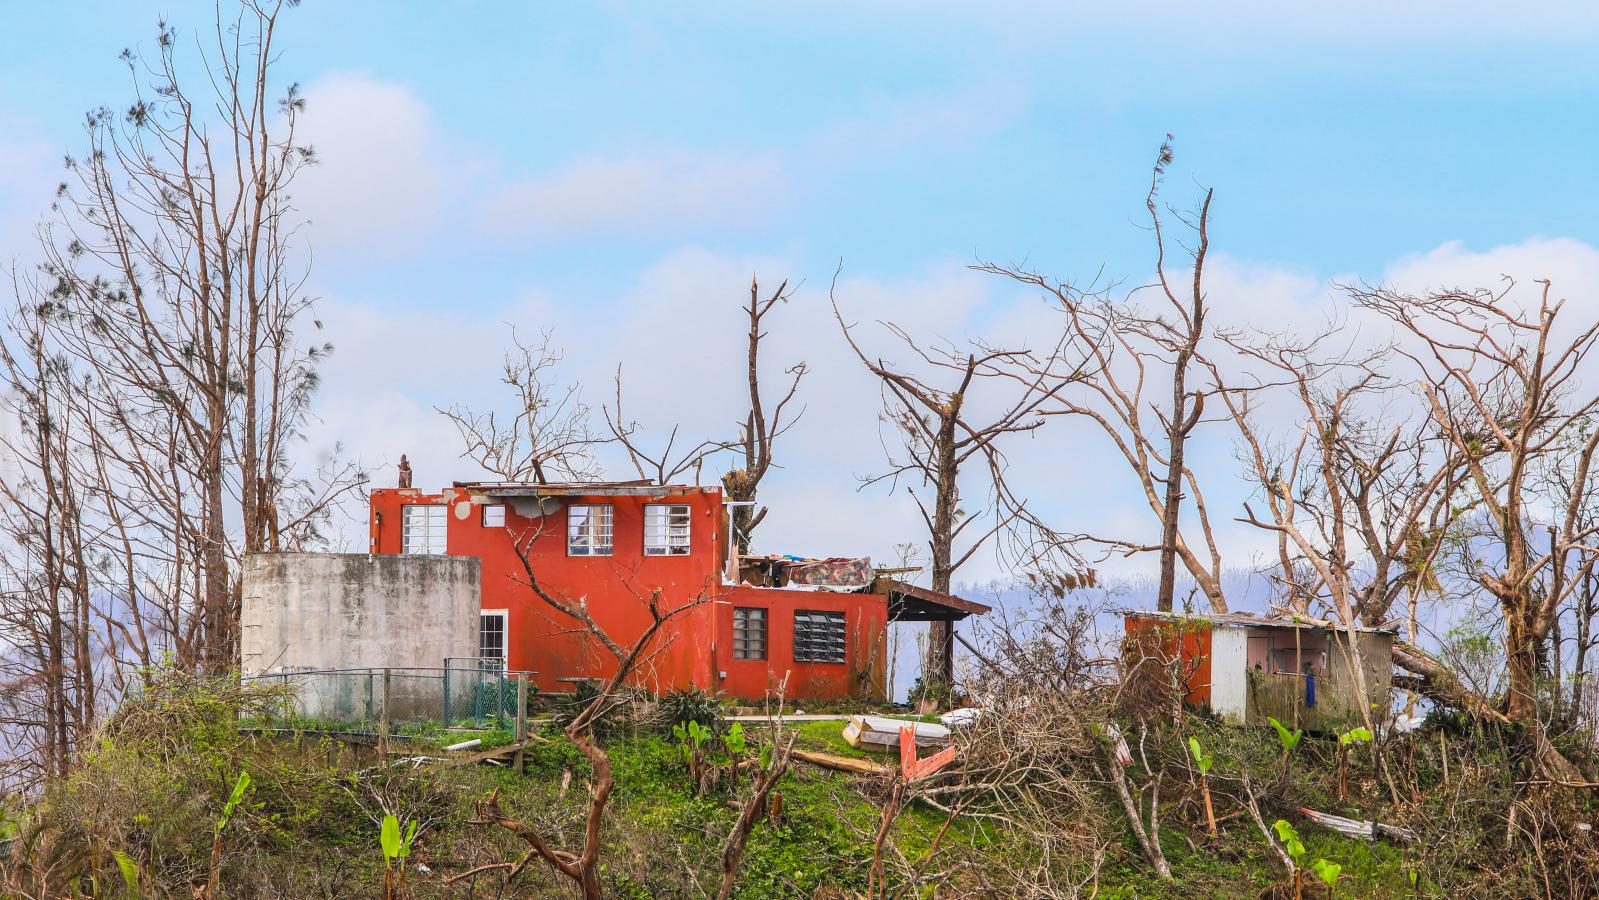 6 de octubre de 2017. NotiCel visita el pueblo de Barranquitas para llevar suministros y reencontrar una familia tras el paso del huracán María.